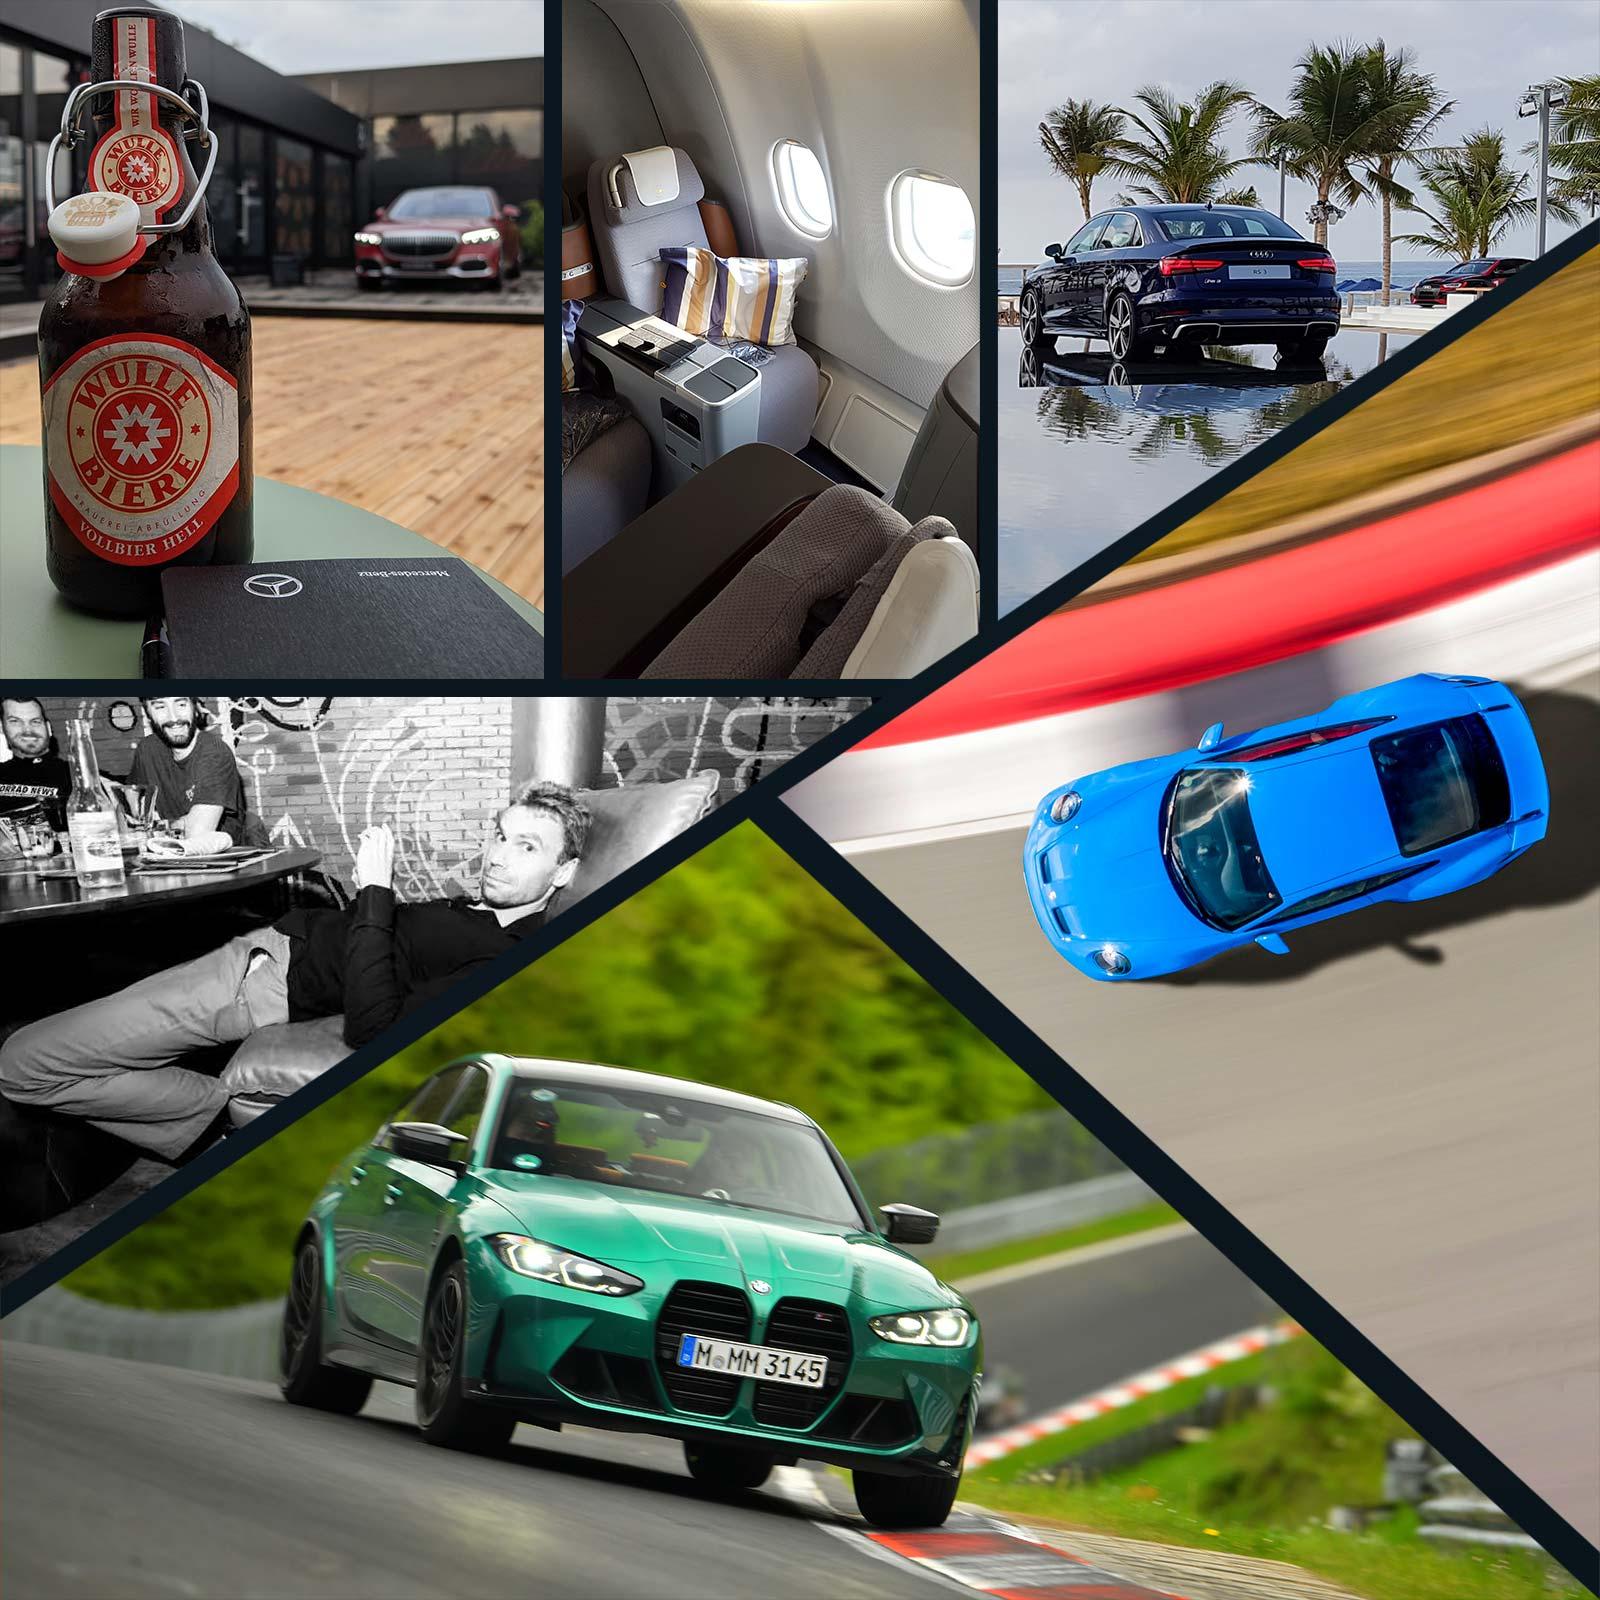 Folge 29: Fahrpräsentationen, Porsche 911 GT3 992 und BMW M3 Competition